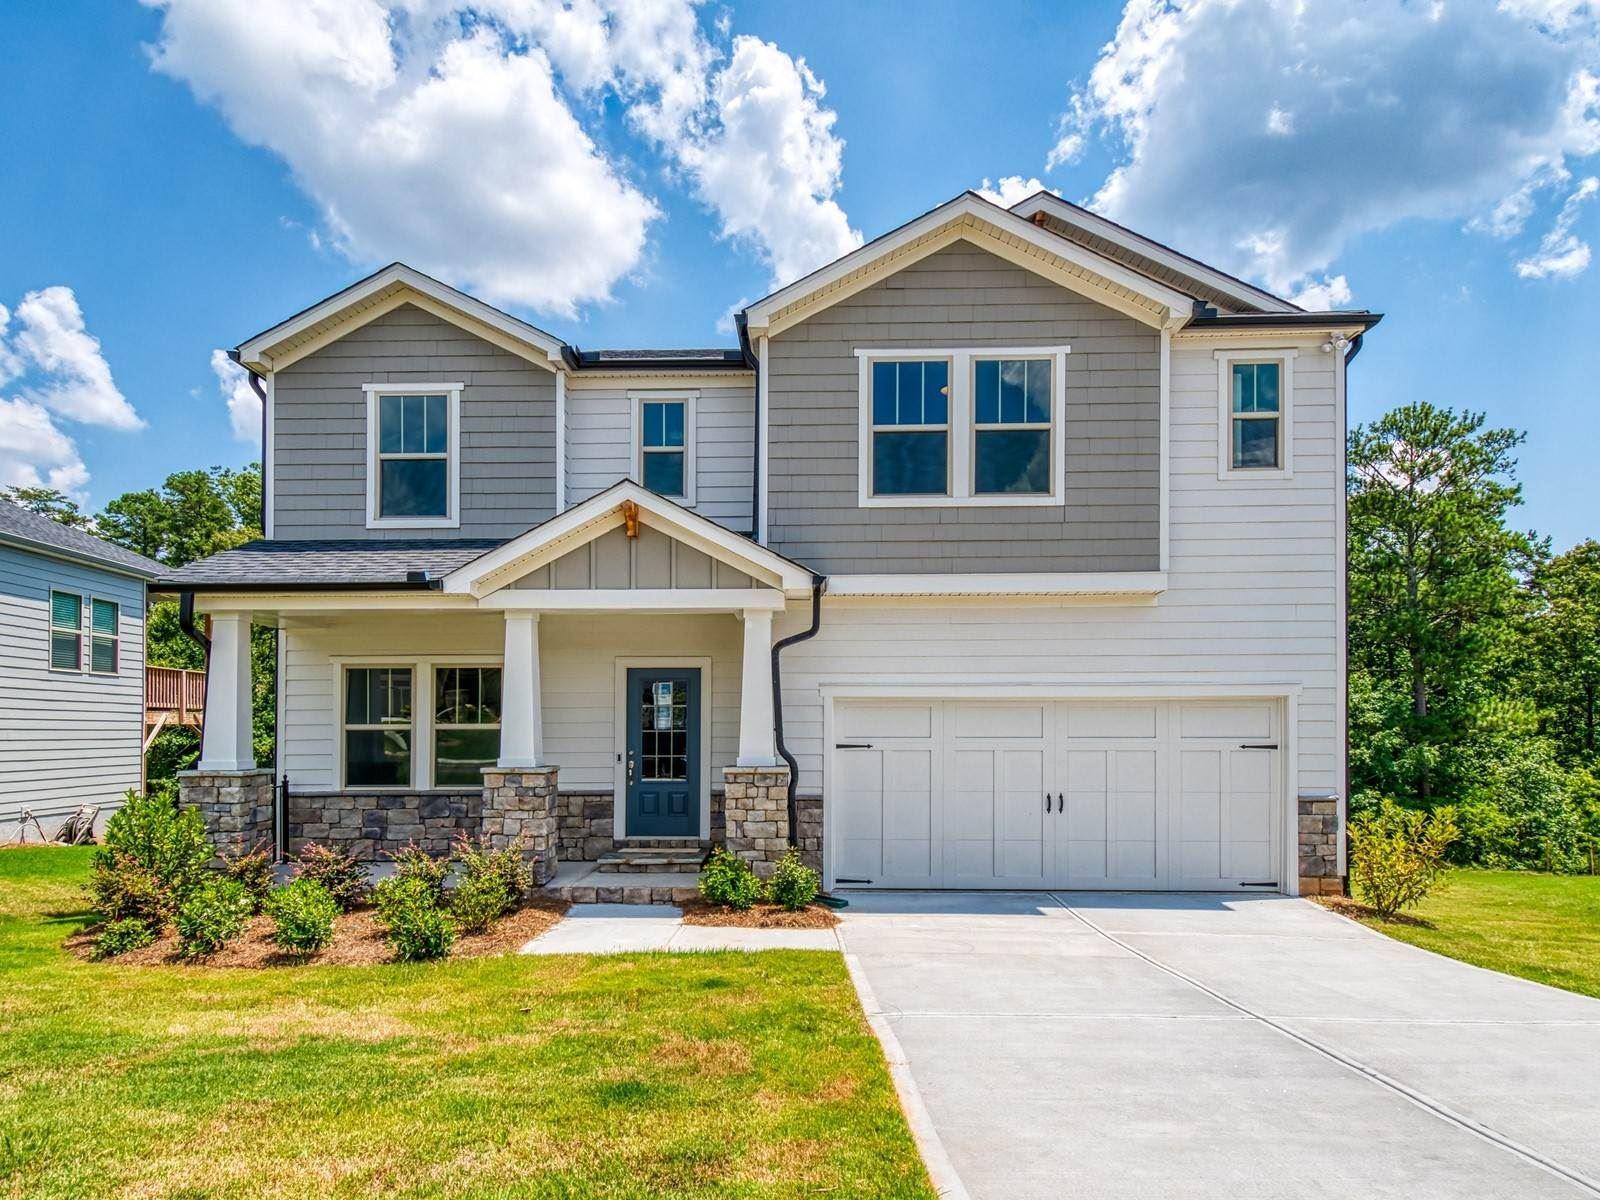 531 Windy Ridge Ct, Canton, GA 30114 - MLS#: 8723769